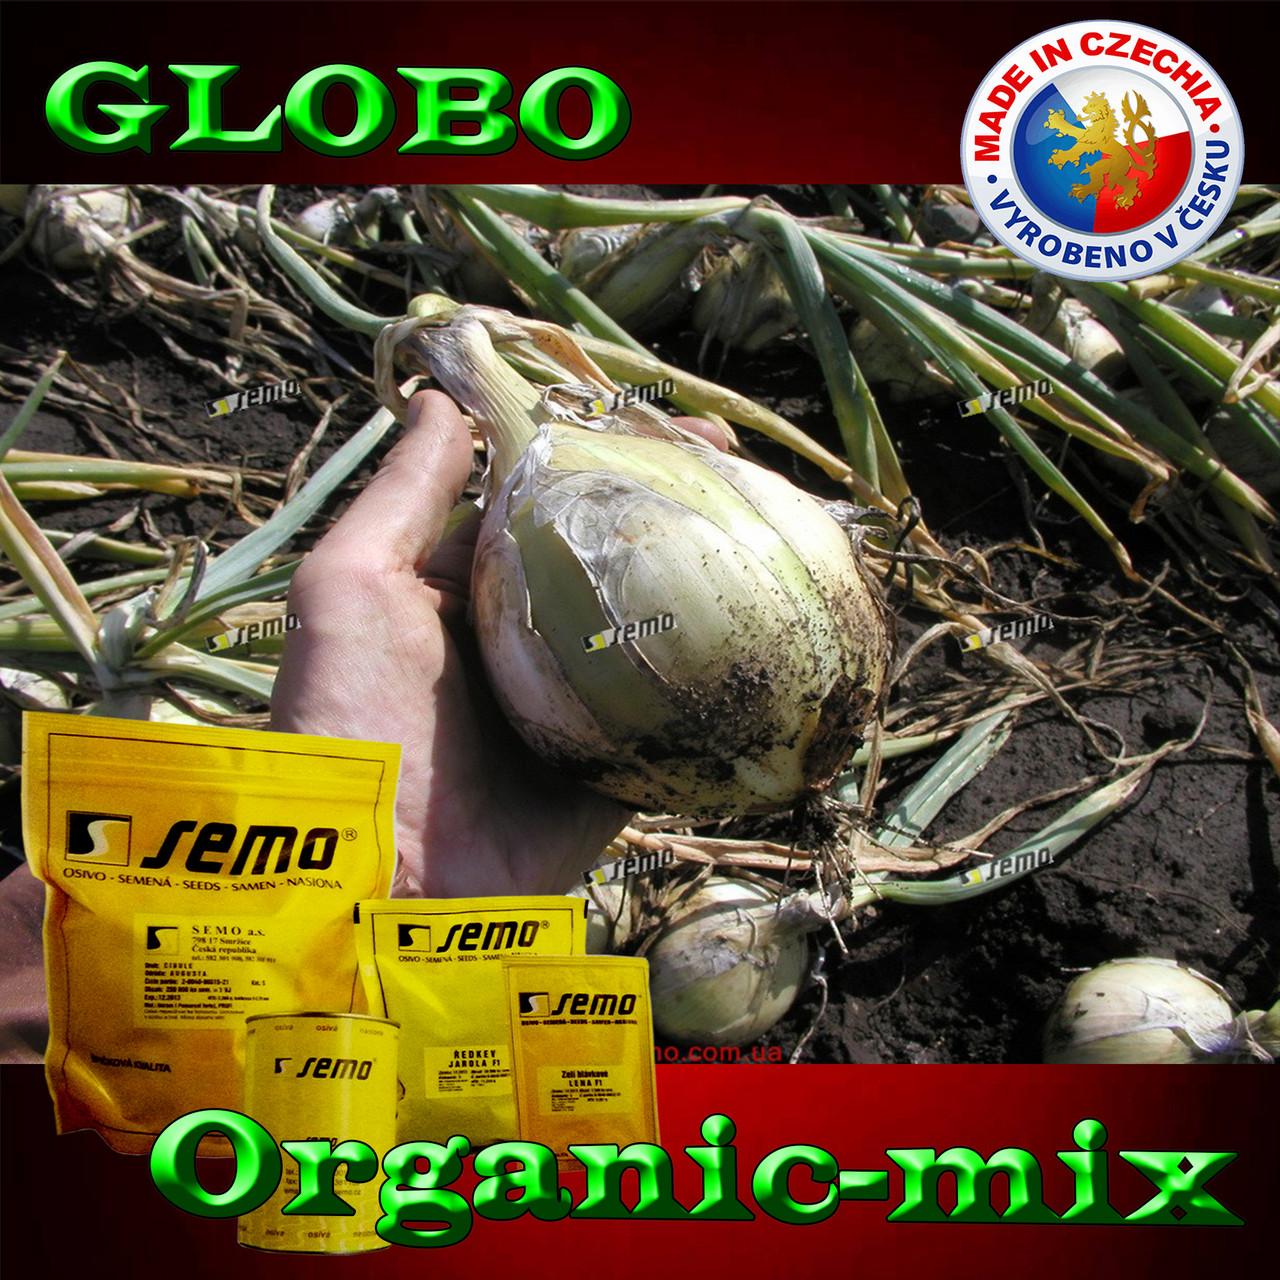 Семена, Лук сверх крупный Глобо, ТМ SEMO (Чехия), 100 грамм, проф.пакет